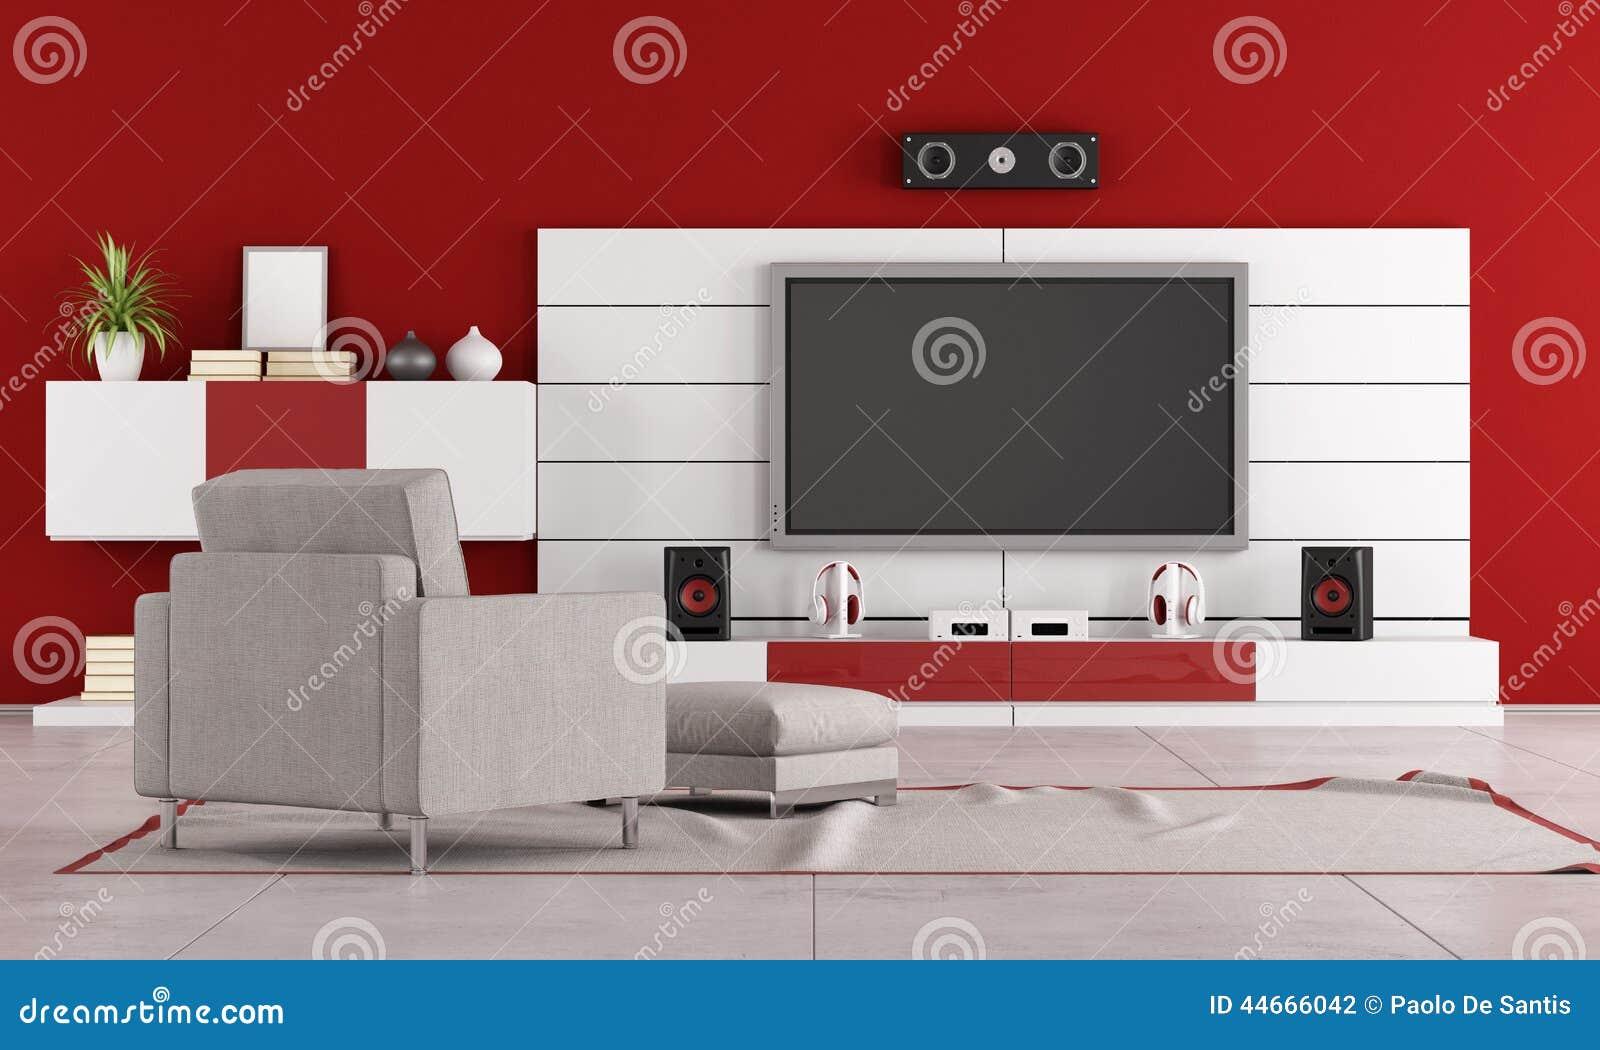 Rode Woonkamer Met TV Stock Illustratie - Afbeelding: 44666042